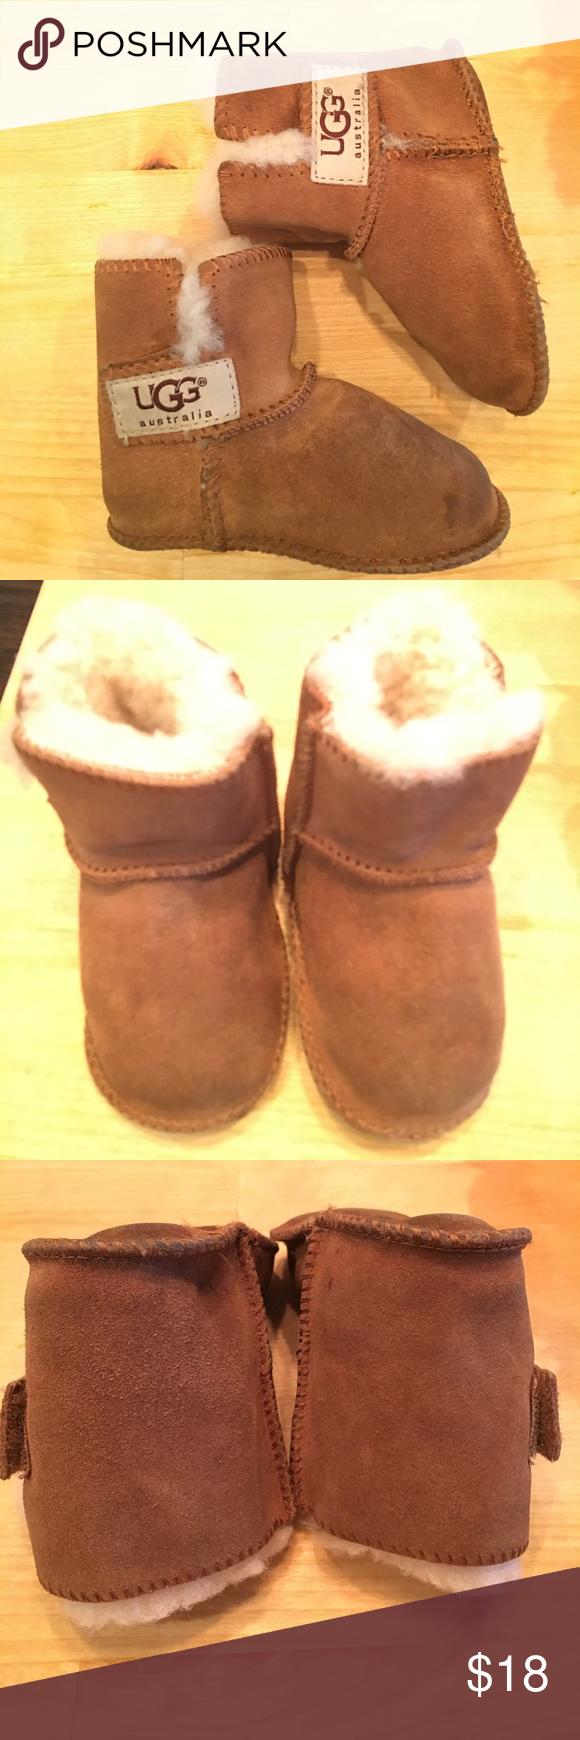 ugg boots 6-12 months